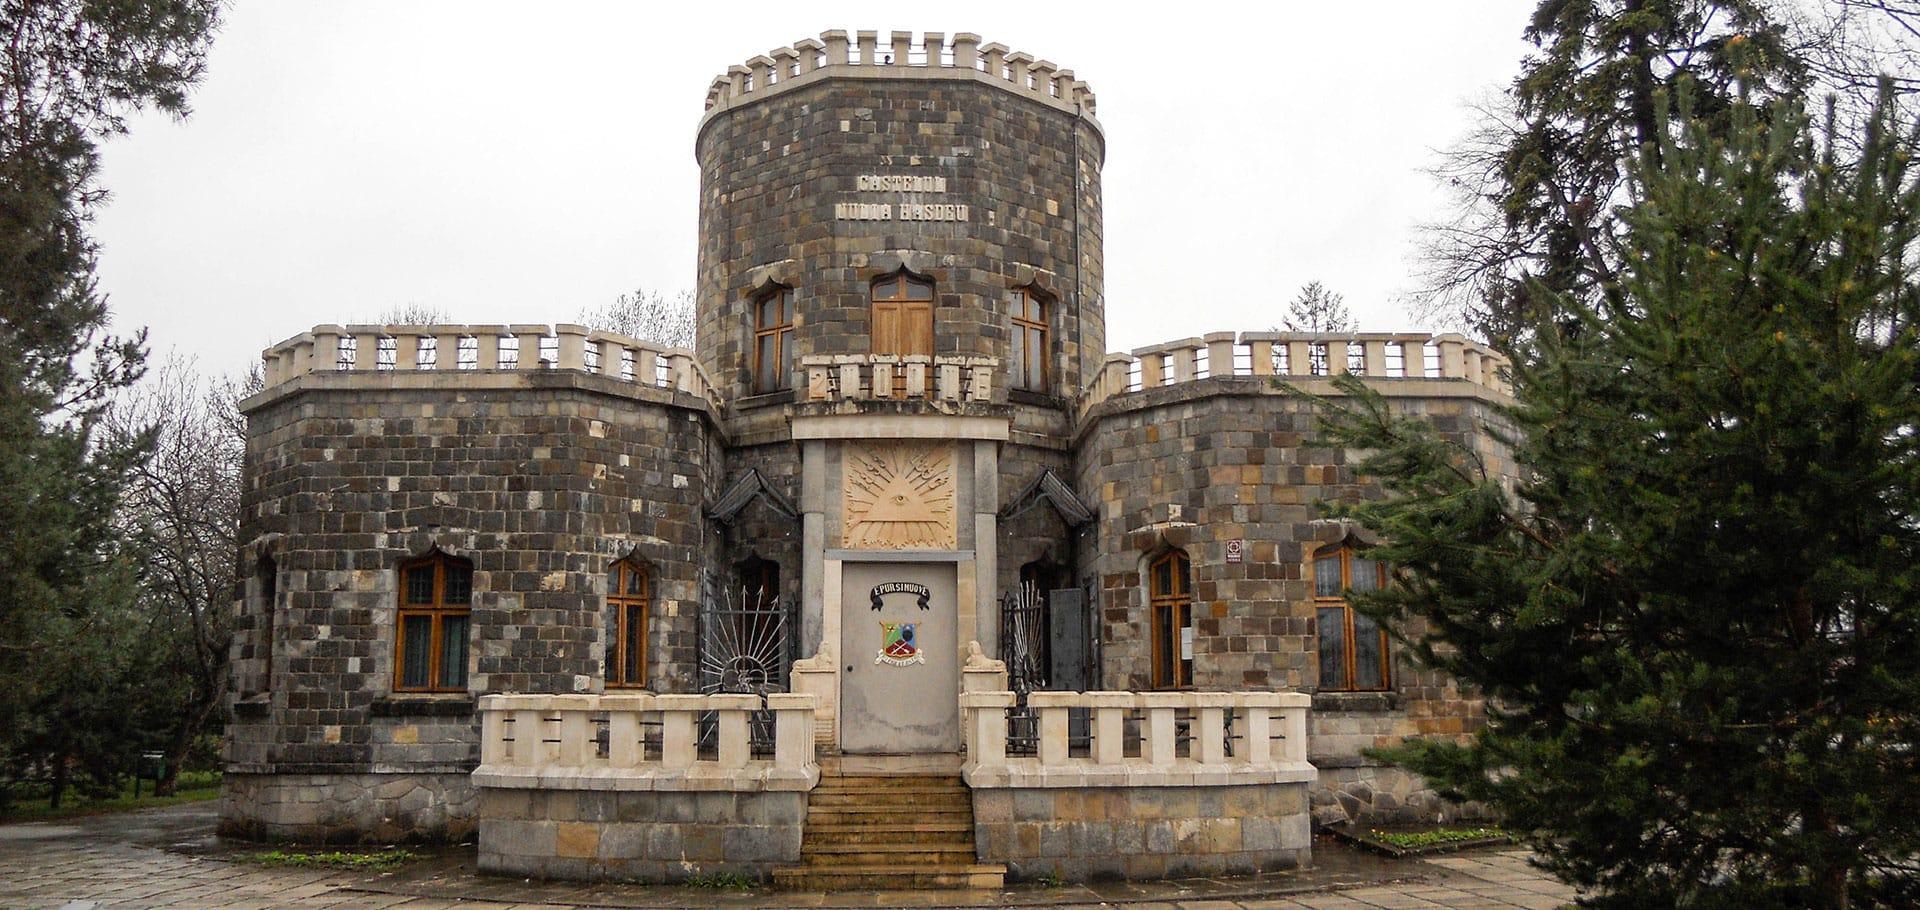 Iulia Hașdeu Castle